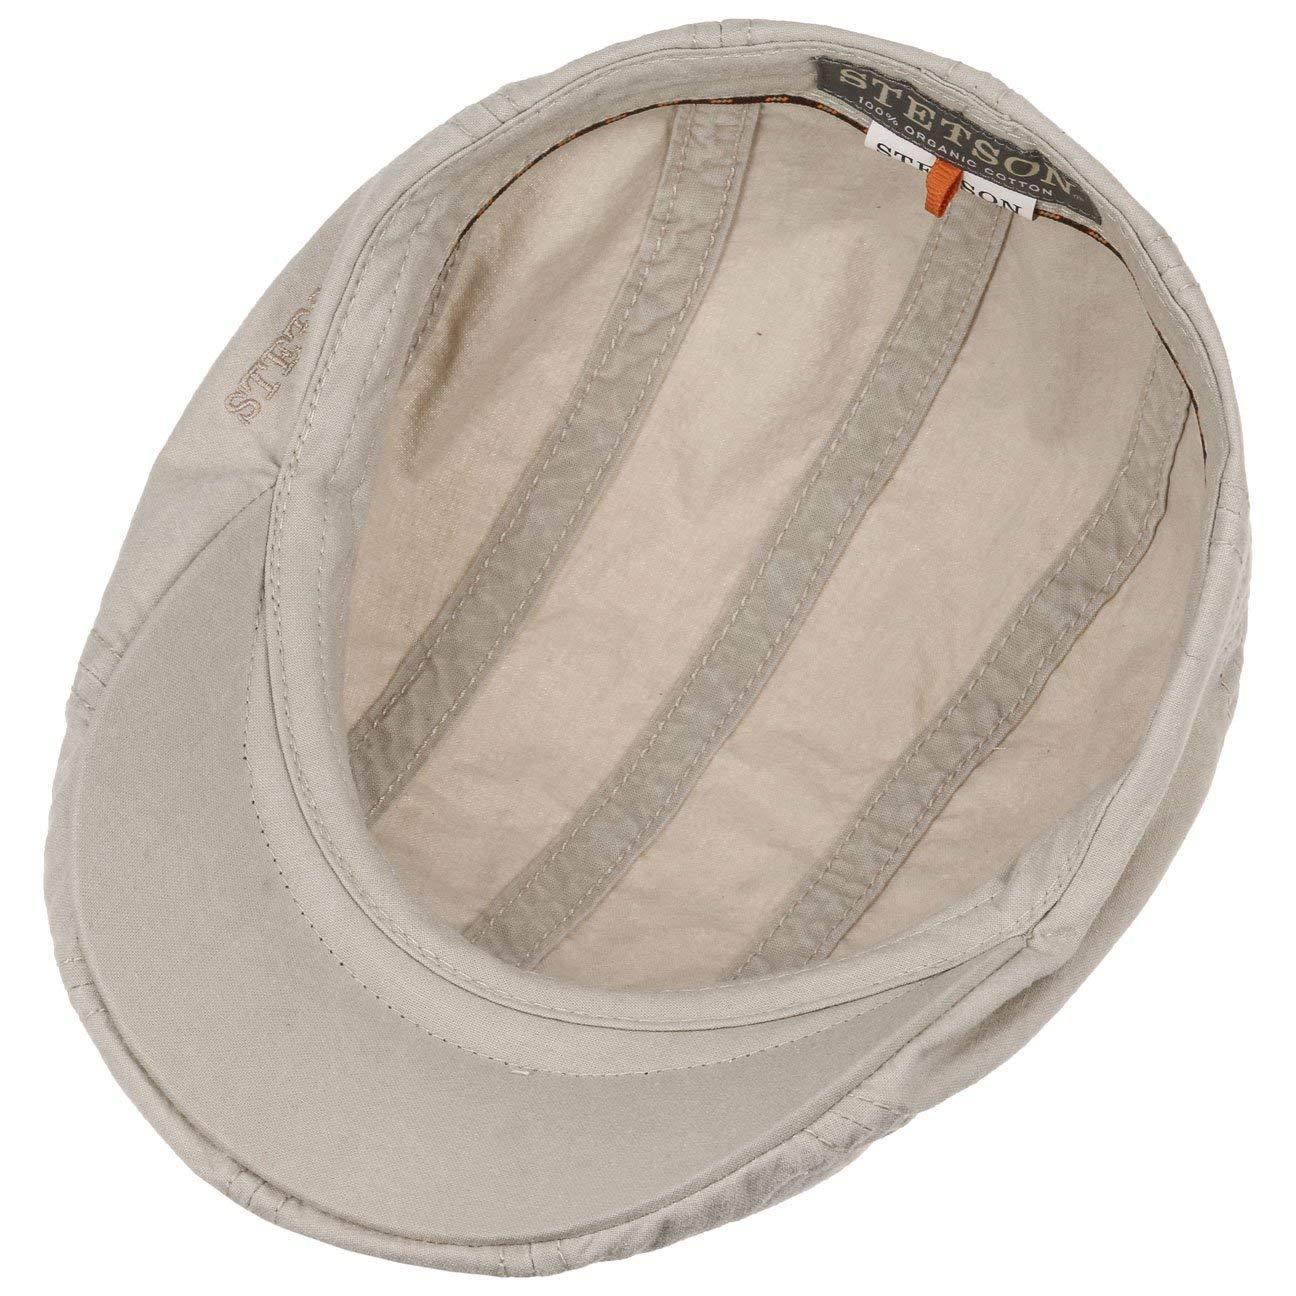 Stetson Madison Delave Coppola cappello piatto cotton cap berretto estivo   Amazon.it  Abbigliamento a062bc73f8a3